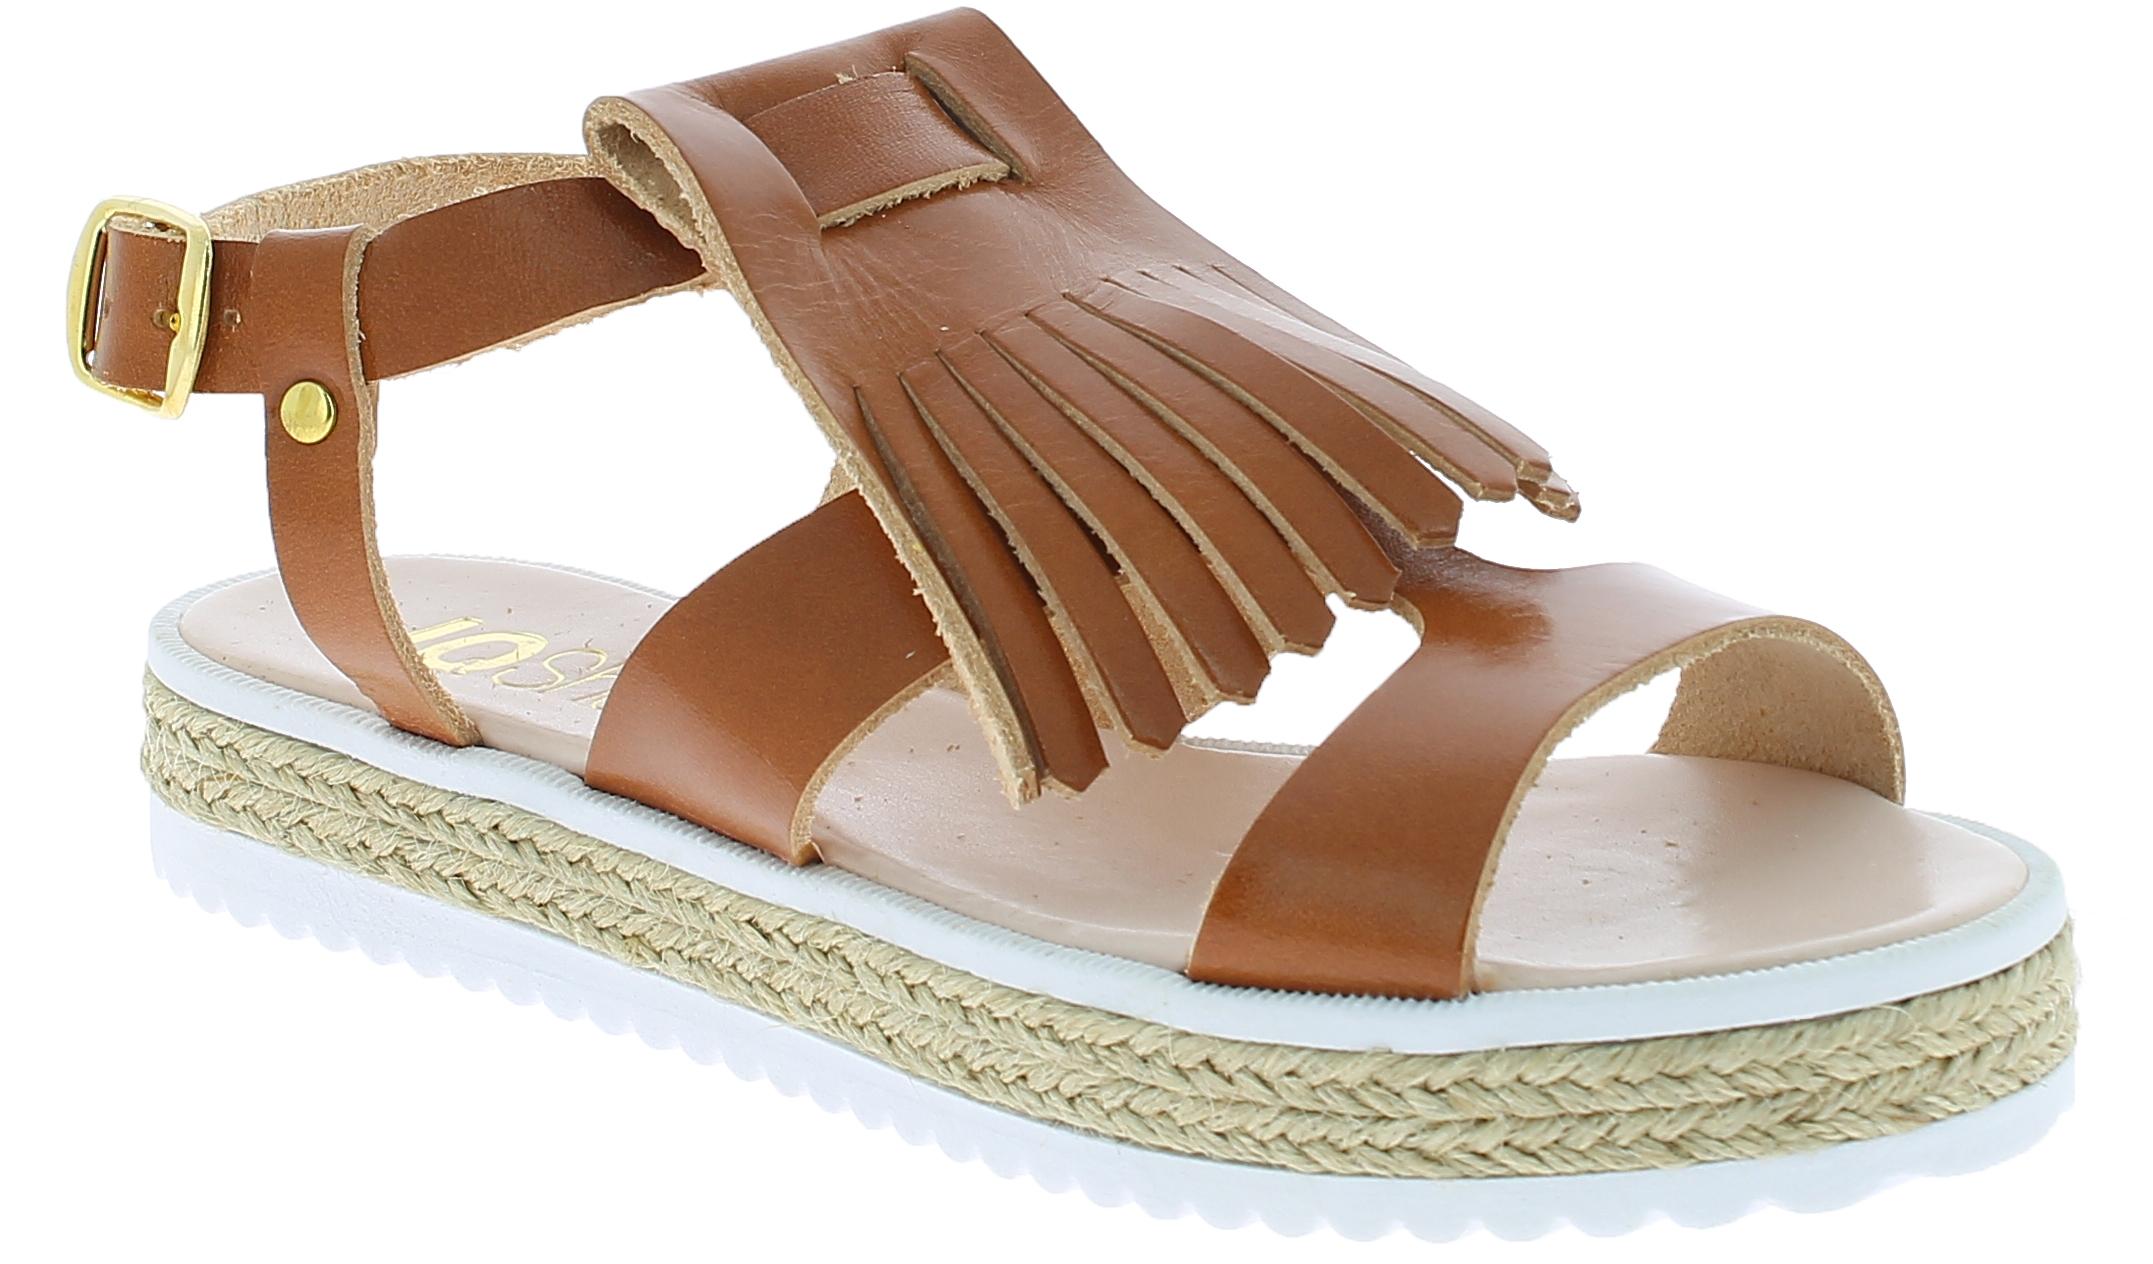 IQSHOES Γυναικείο Πέδιλο B90 Κάμελ - IqShoes - 50.B90K CAMEL-IQSHOES-camel-38/1/ παπούτσια  προσφορεσ